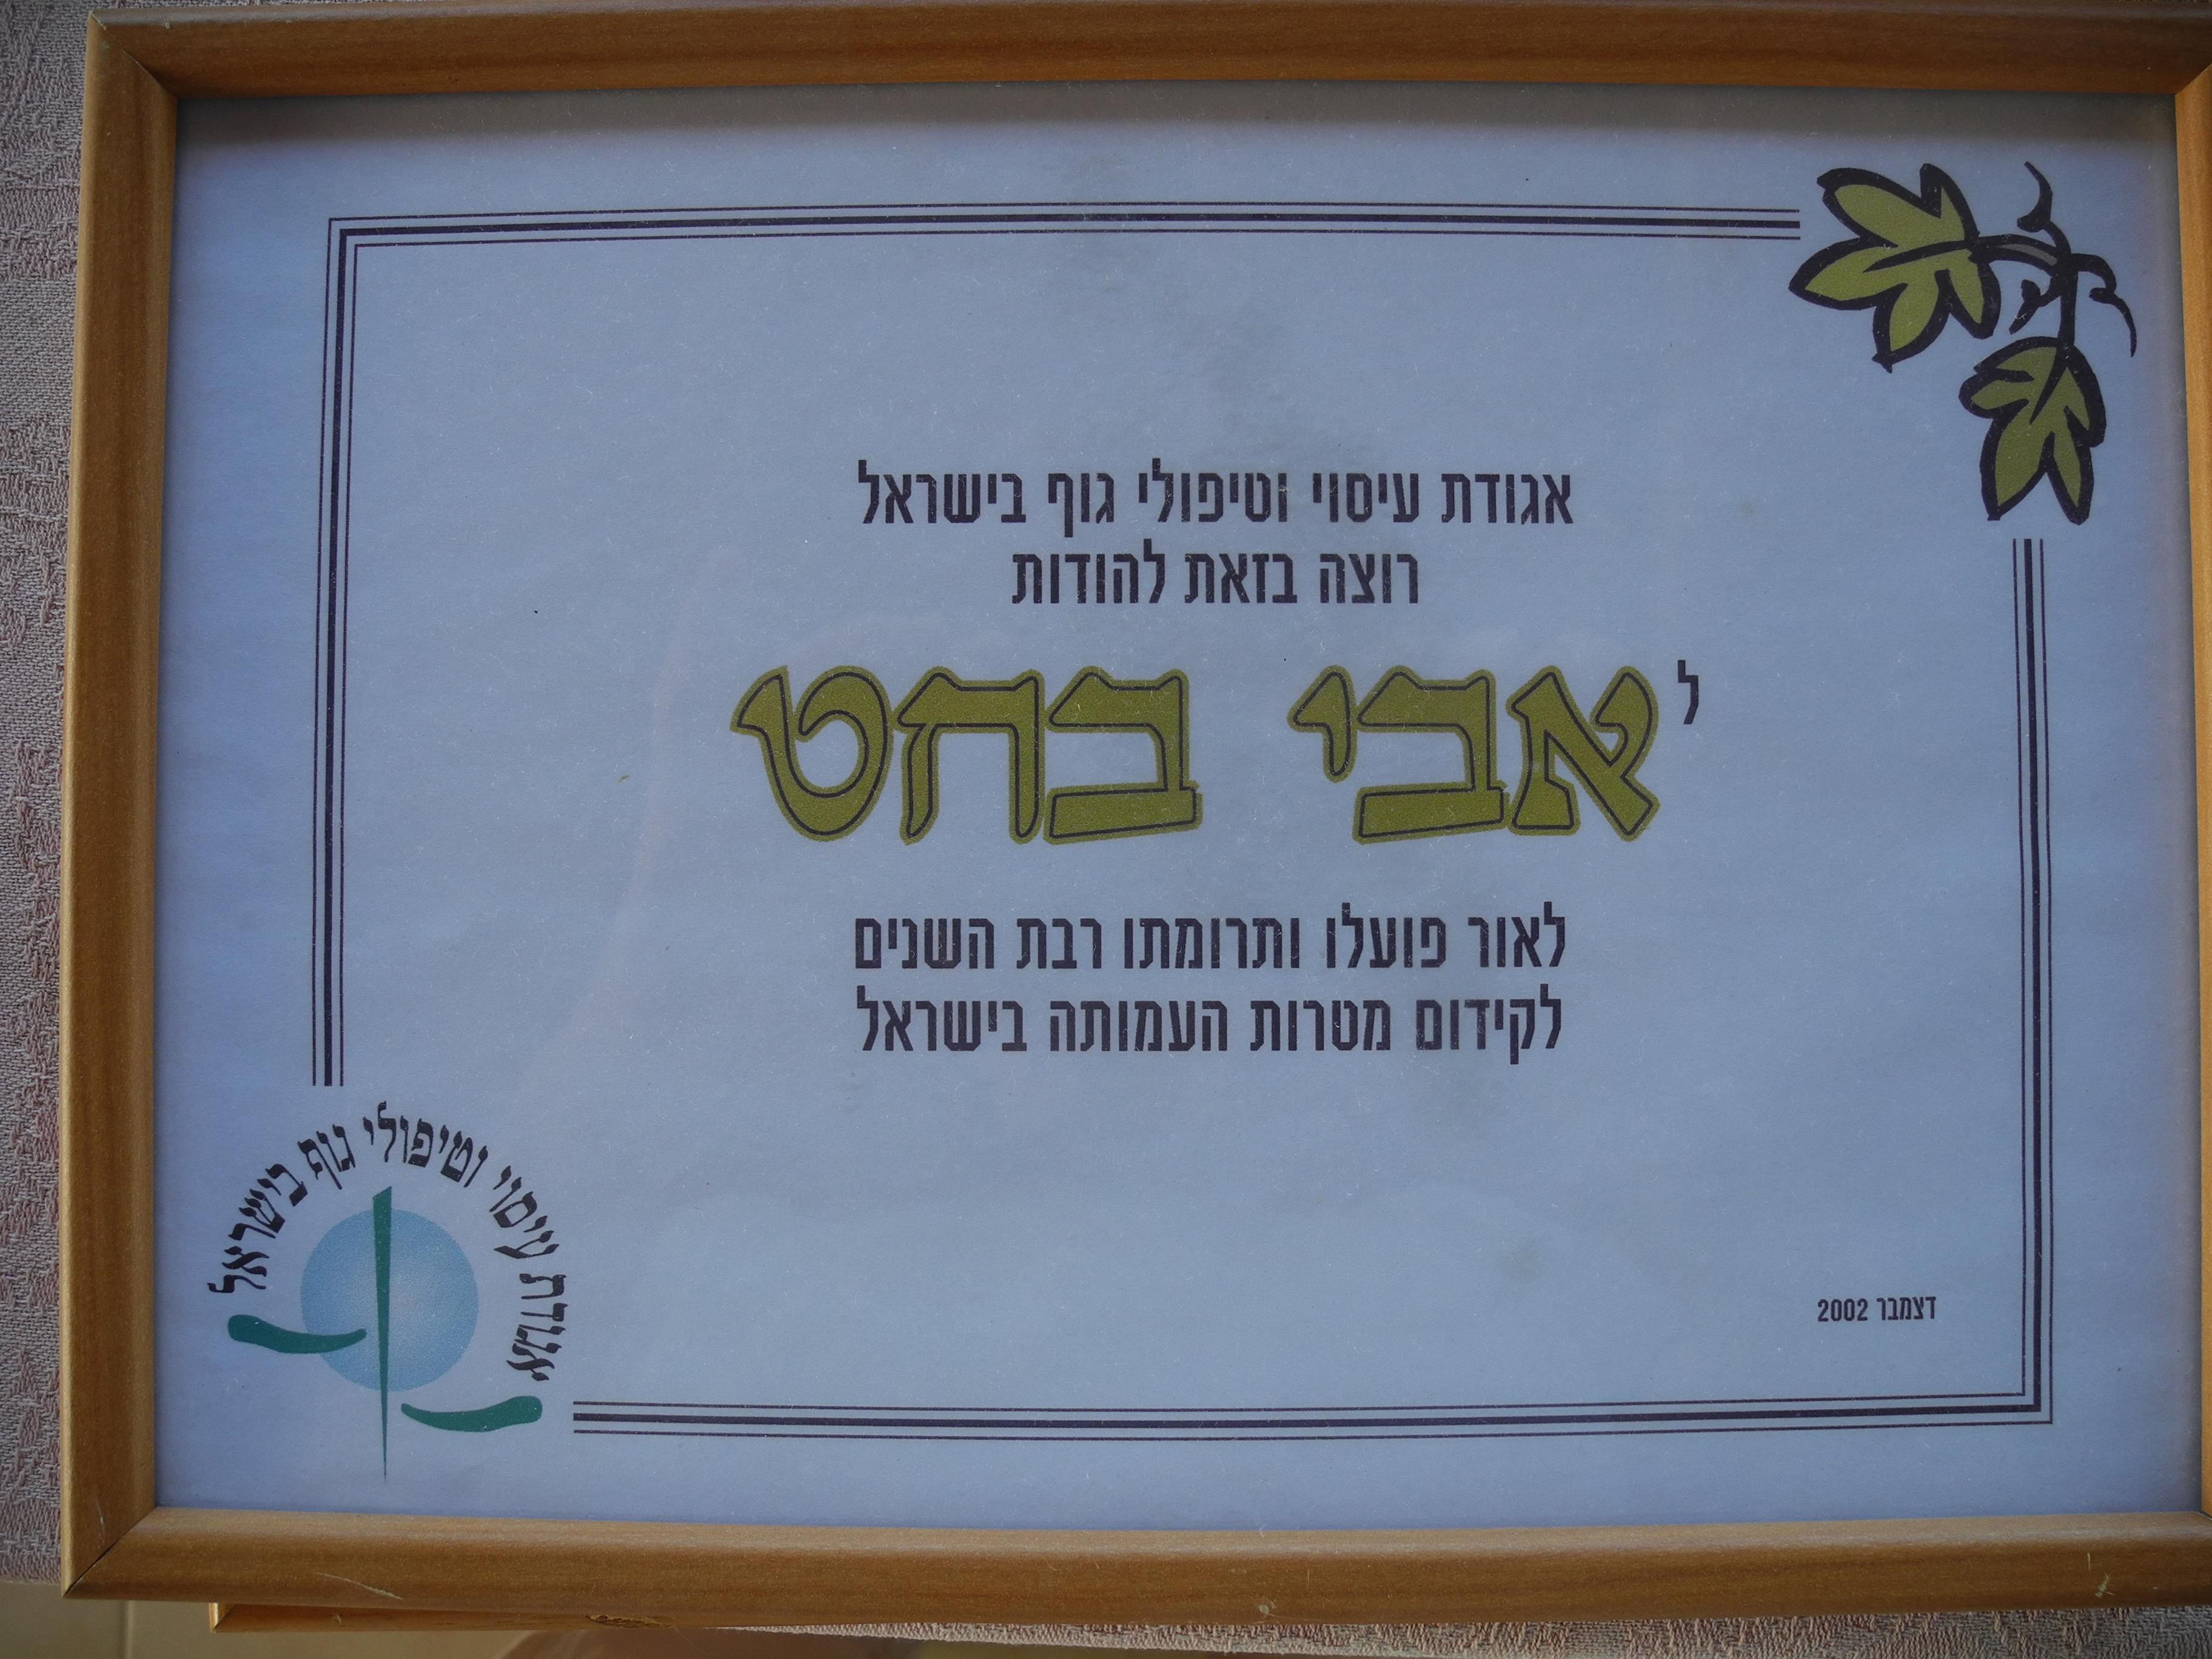 תעודת כבוד מאגודת עיסוי וטיפולי גוף בישראל